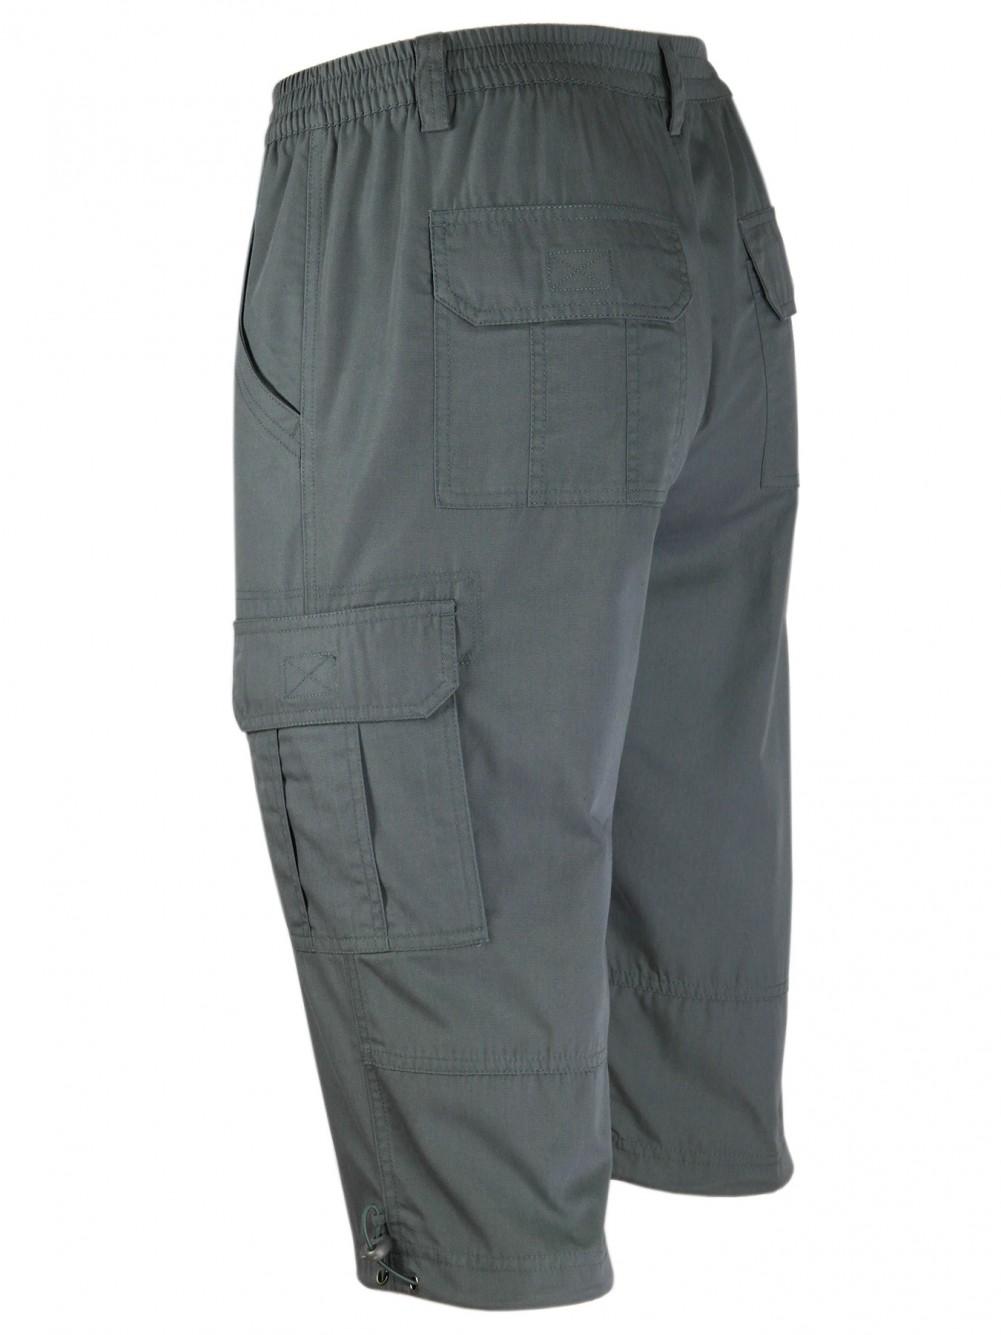 Cargo-Bermudas, Cargo Shorts, kurze Hose für Herren - Anthrazit/Seitenansicht